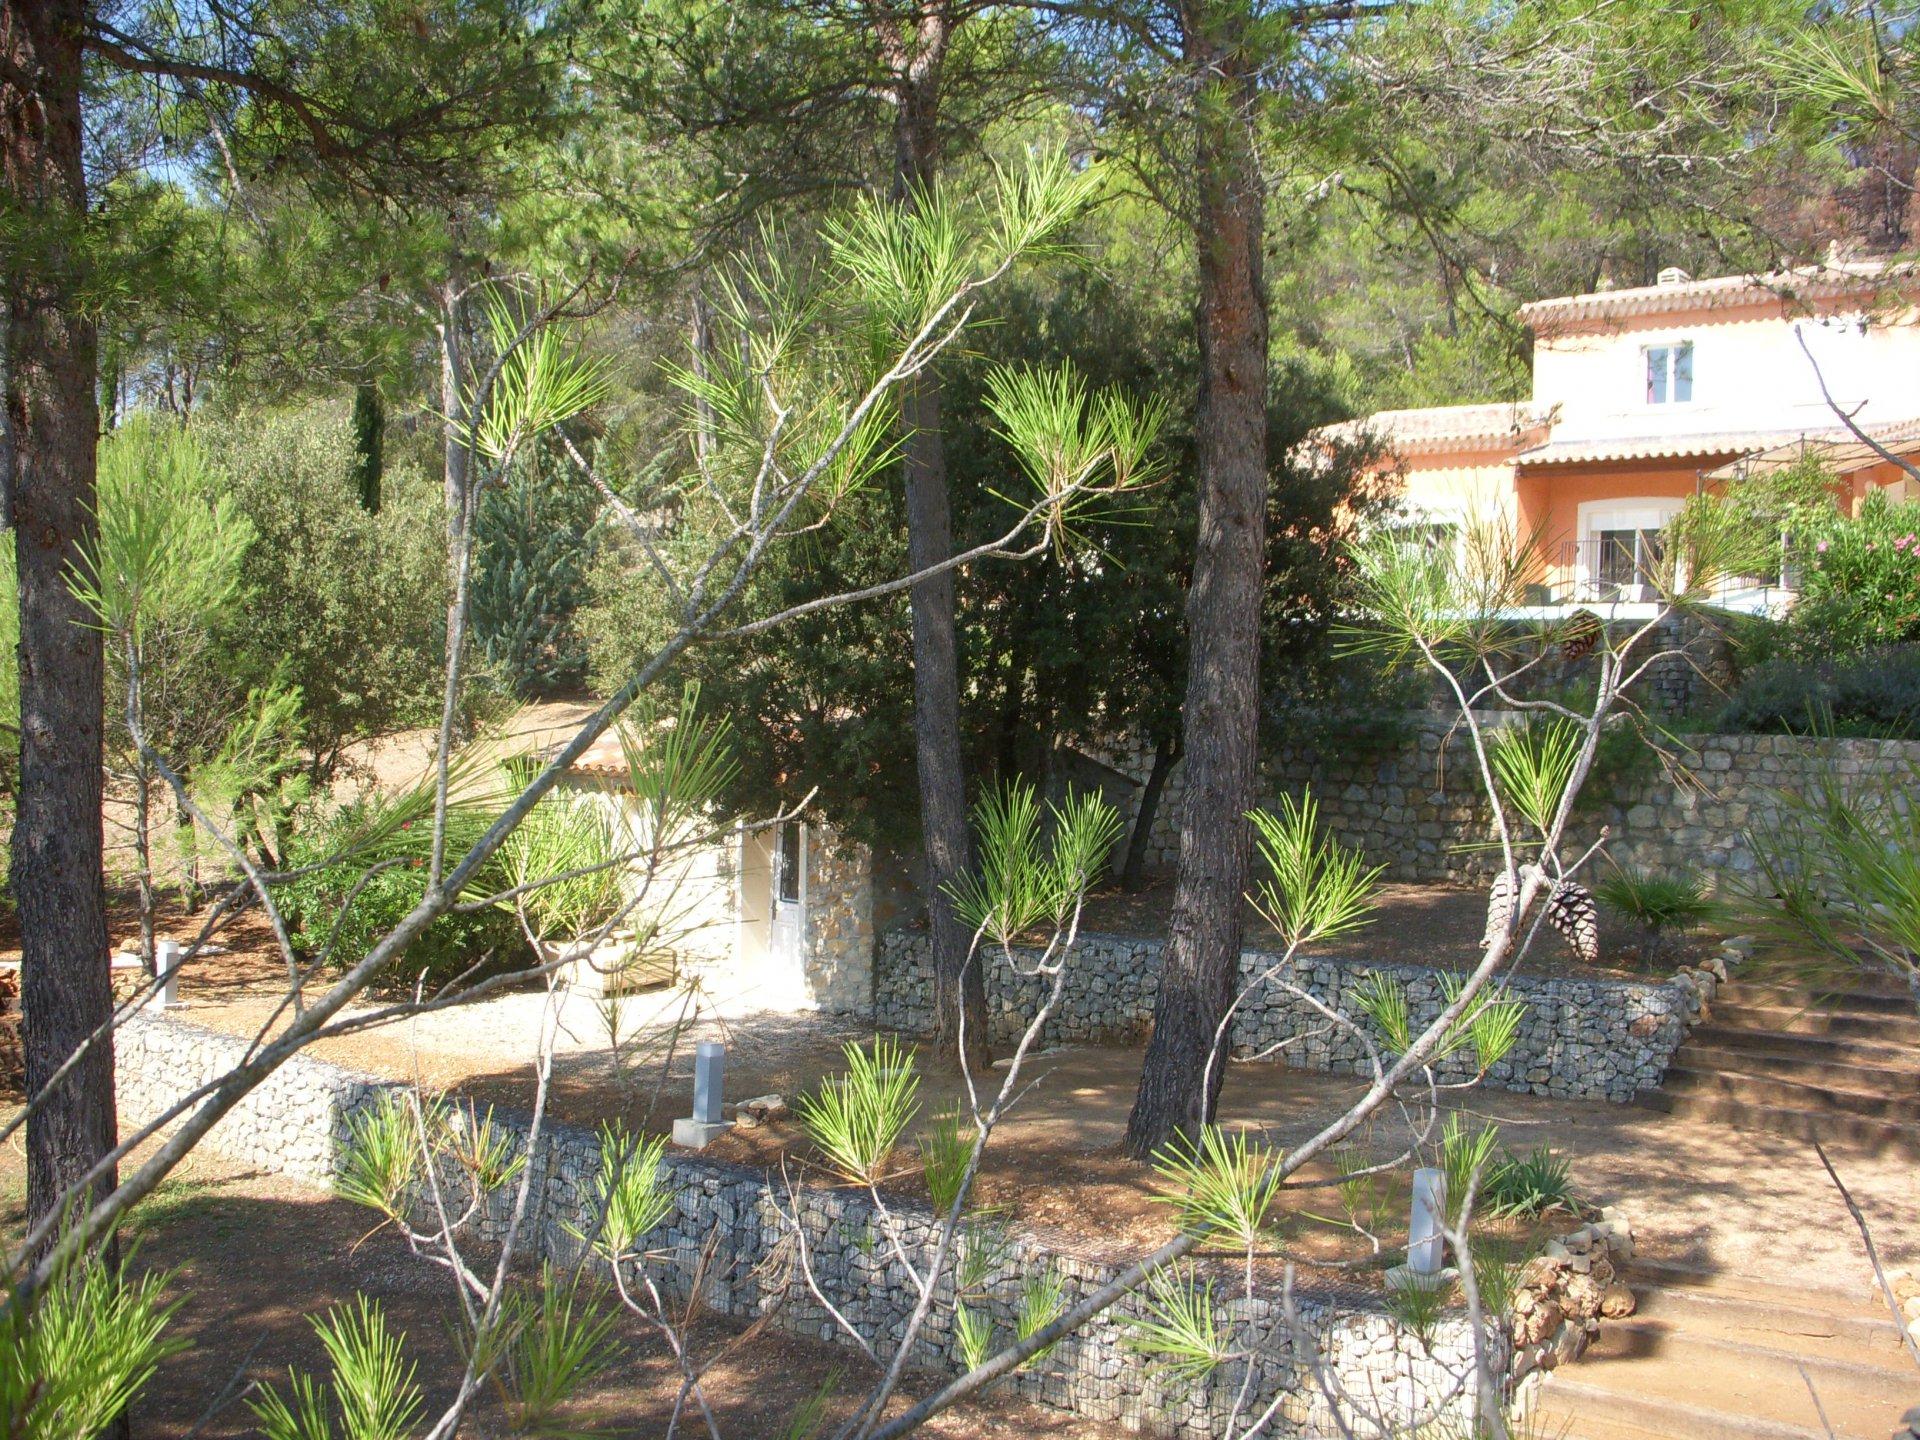 CORRENS TRES BELLE PROPRIETE ENV 350 M² SUR 1 HA